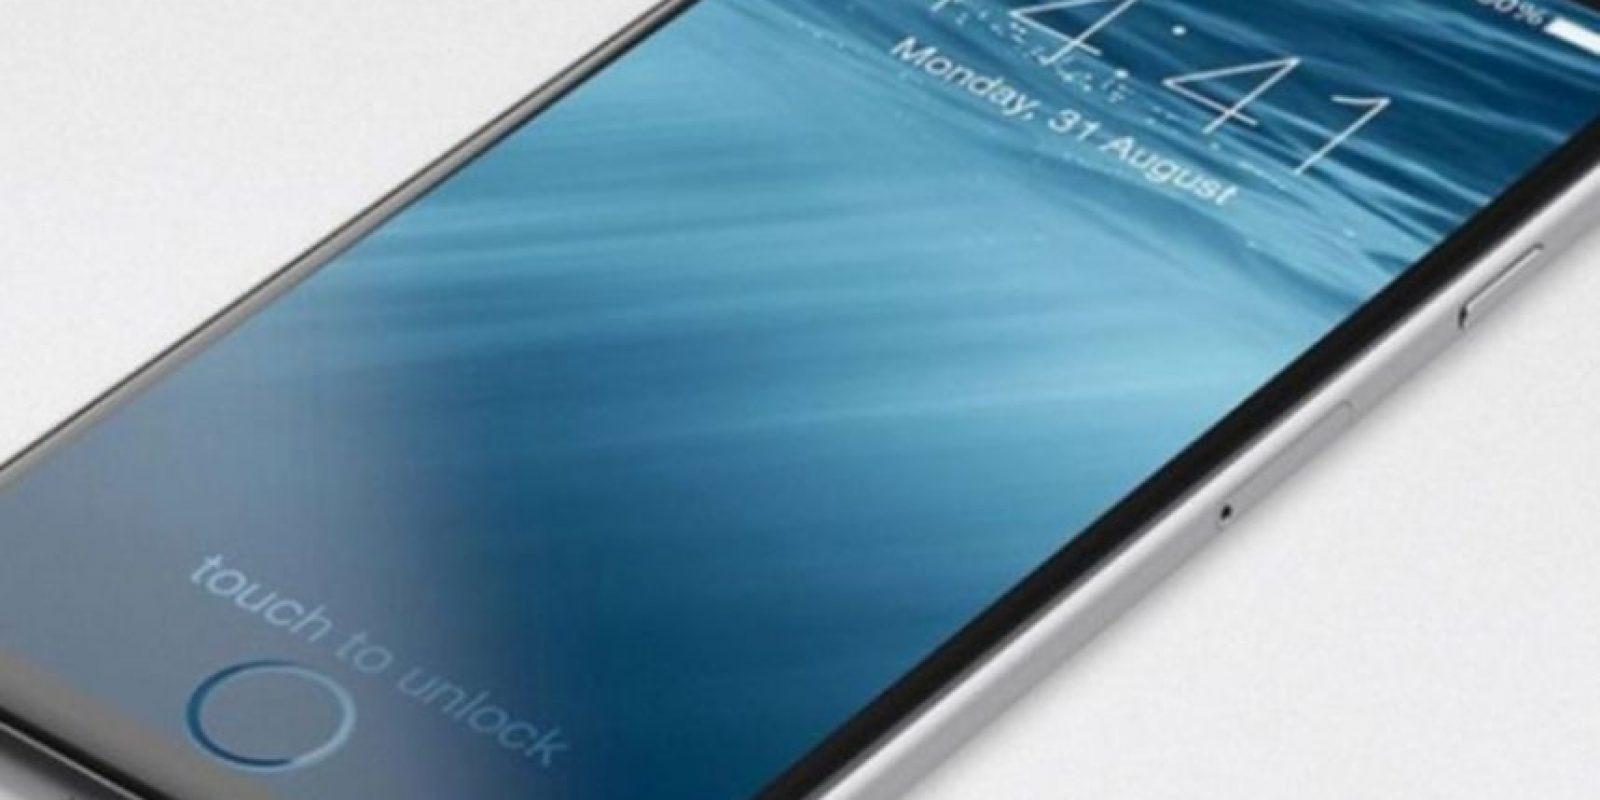 Así luciría el nuevo iPhone según las redes sociales. Foto:Tumblr